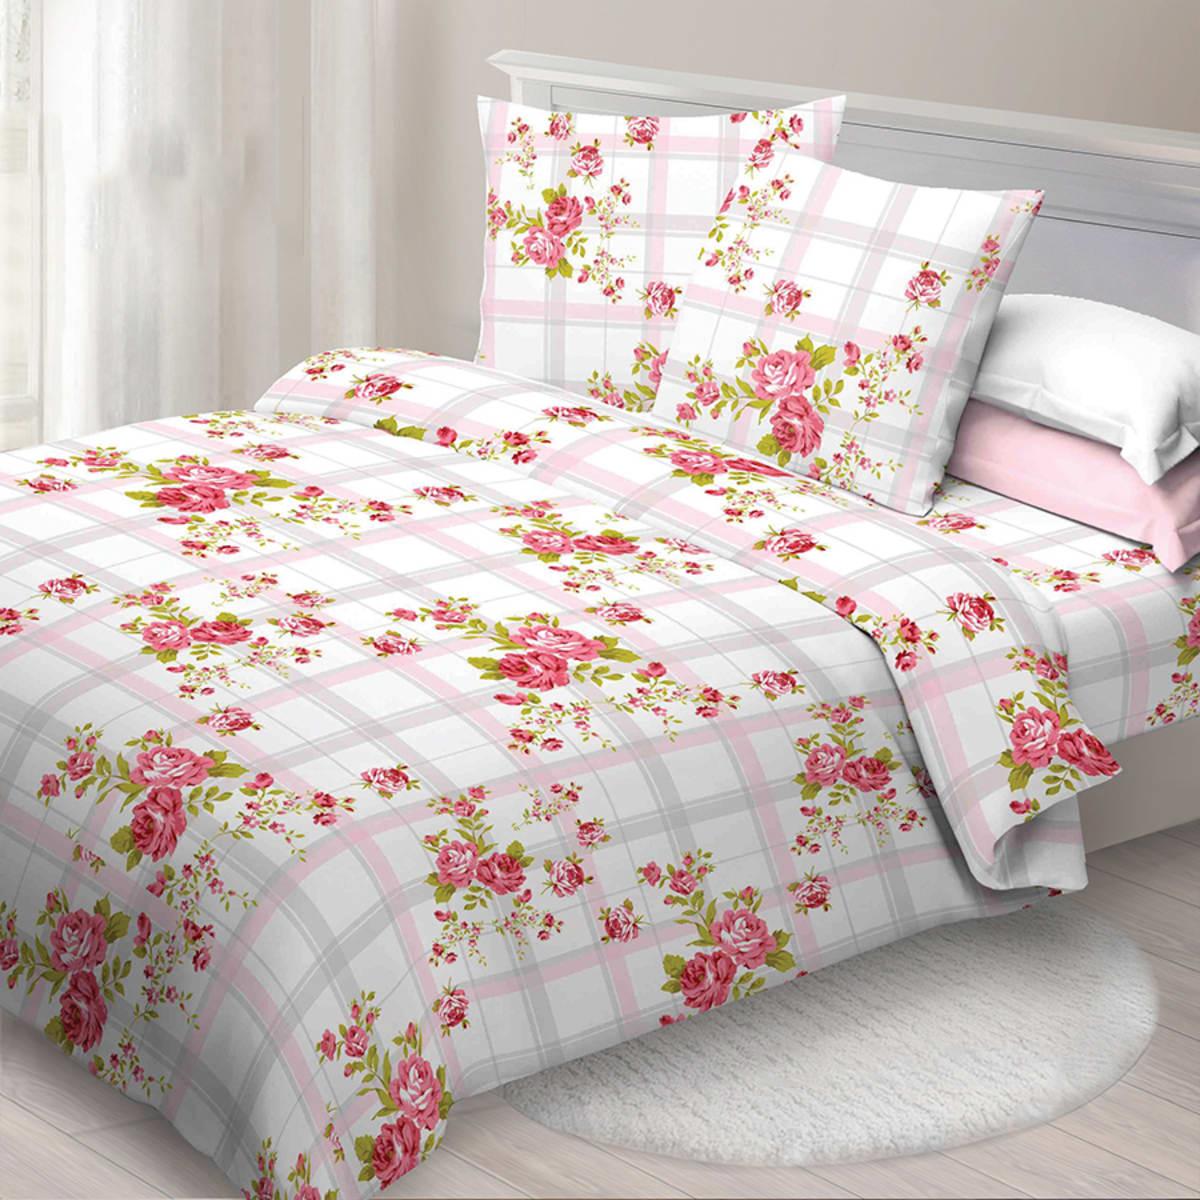 Комплект постельного белья «Доброе утро» евро, бязь